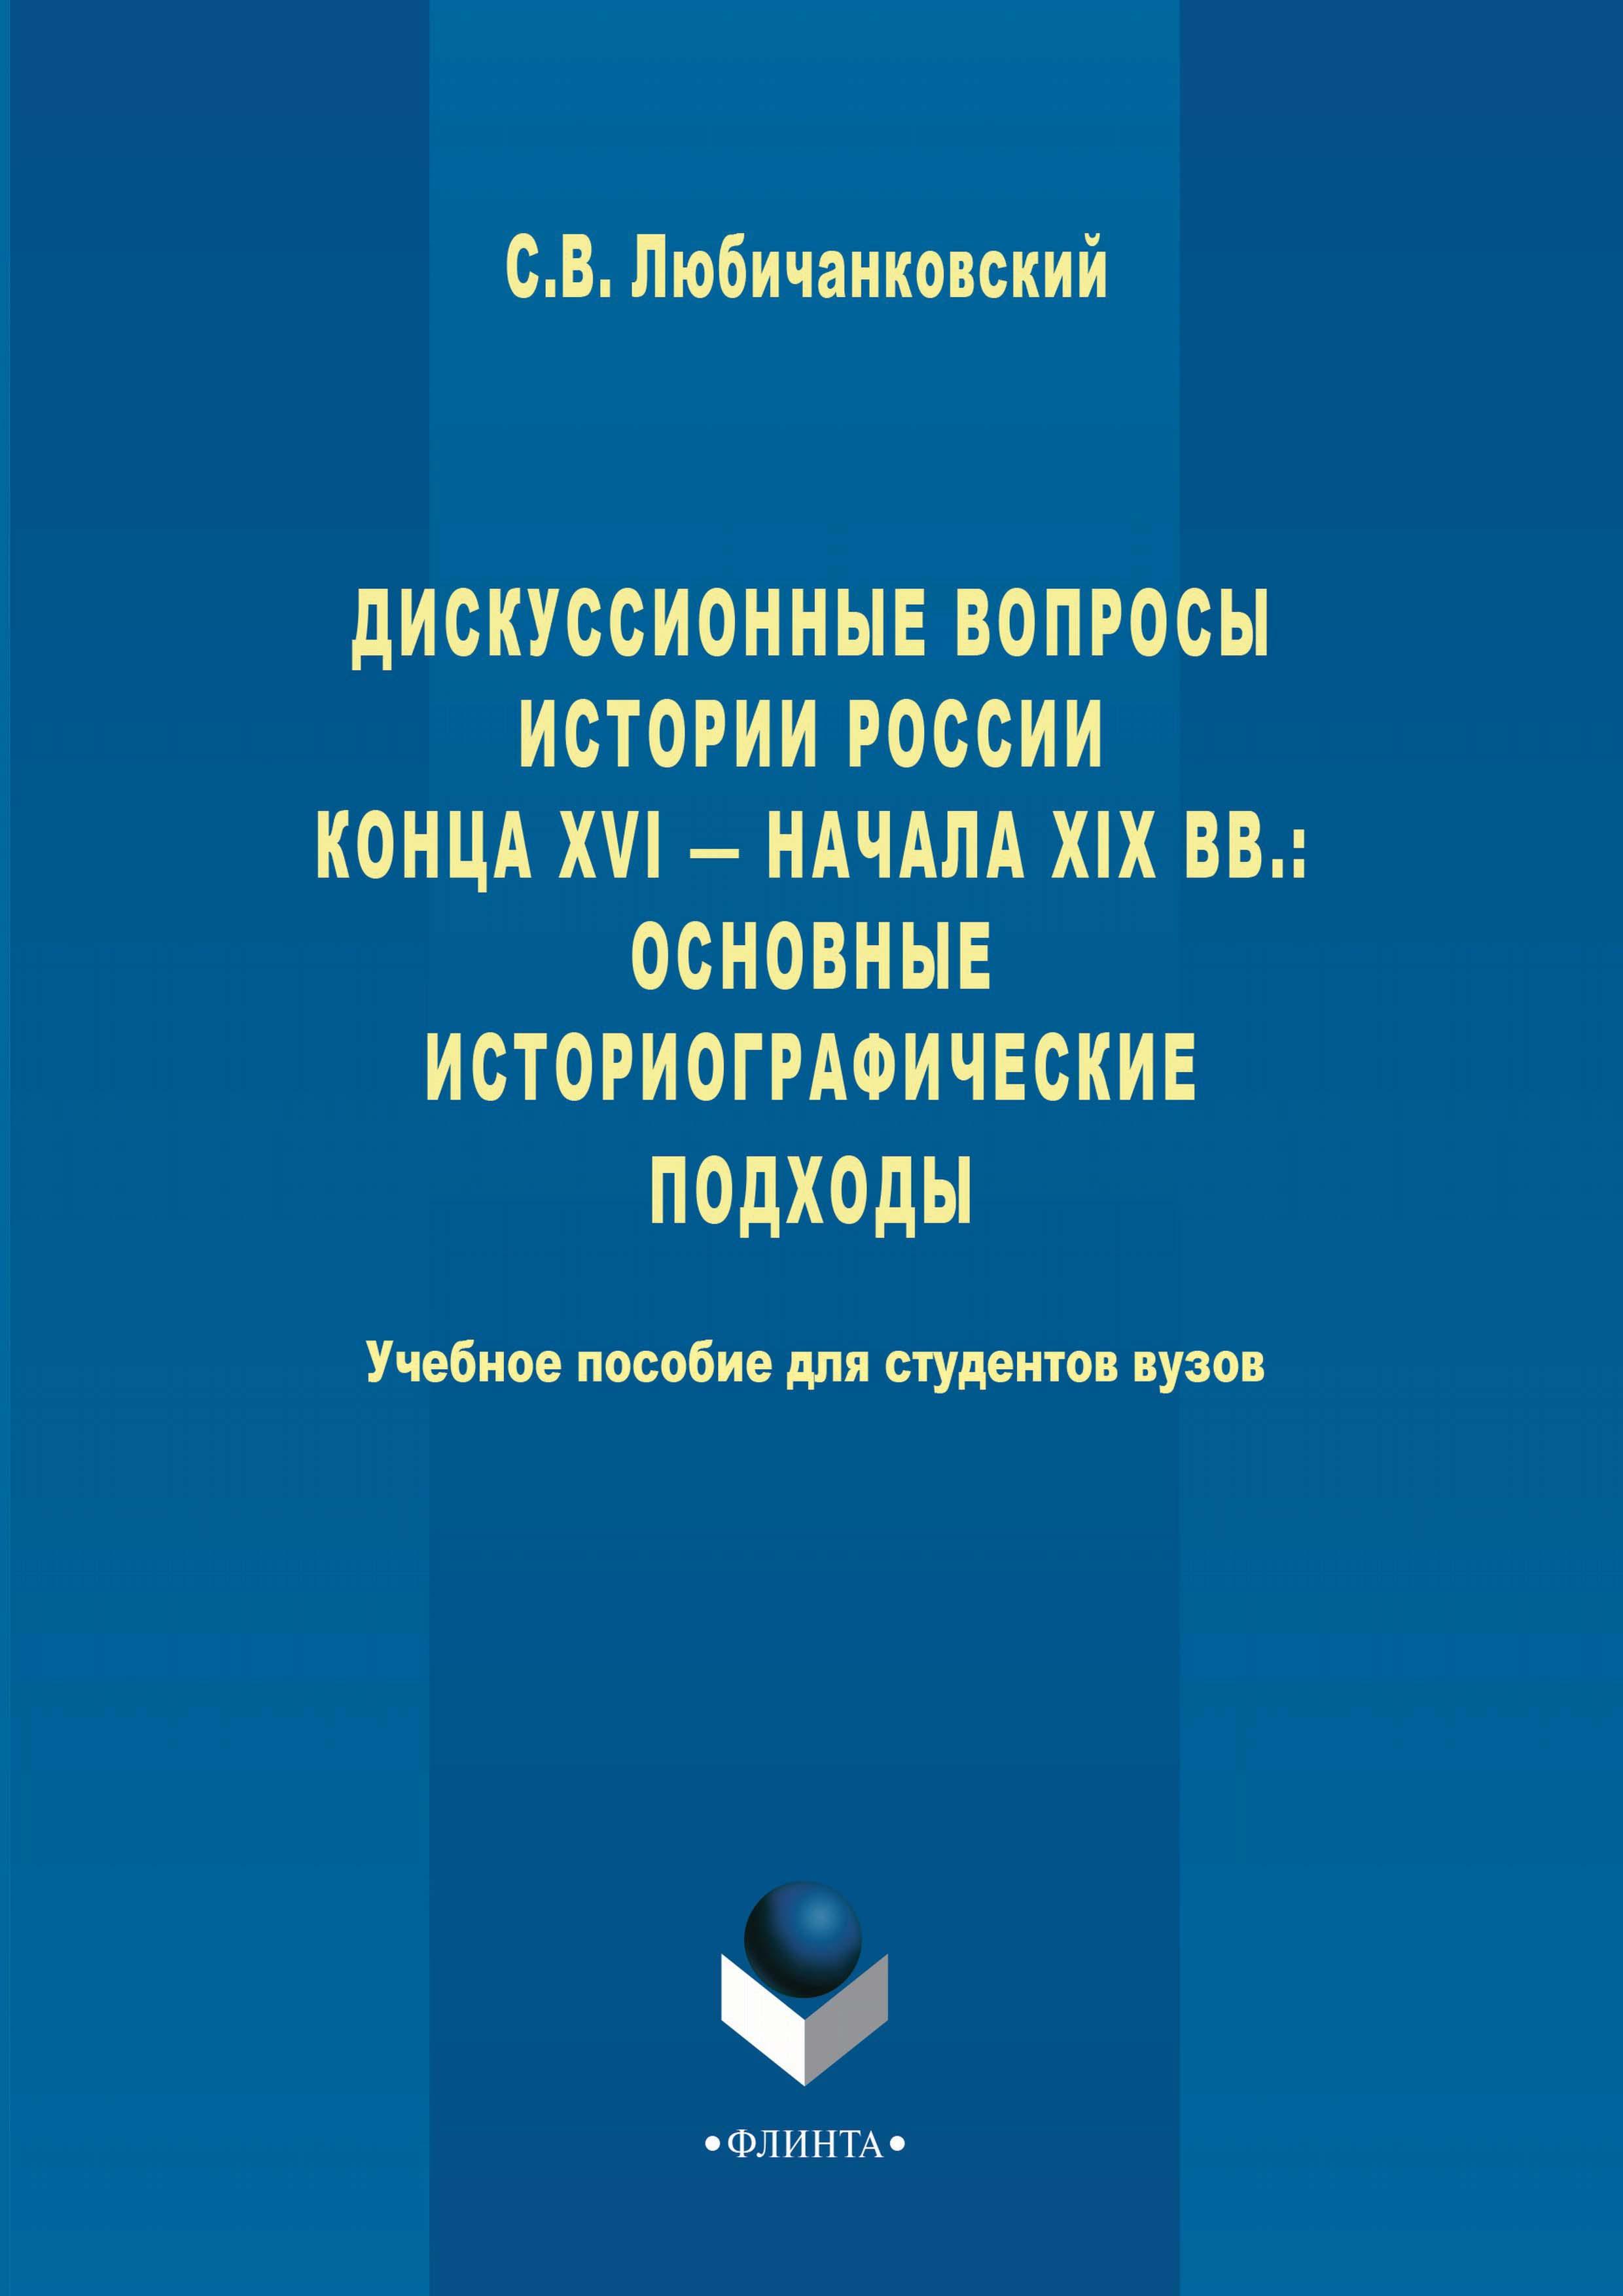 diskussionnye voprosy istorii rossii kontsa xvi nachala xix vv osnovnye istoriograficheskie podkhody